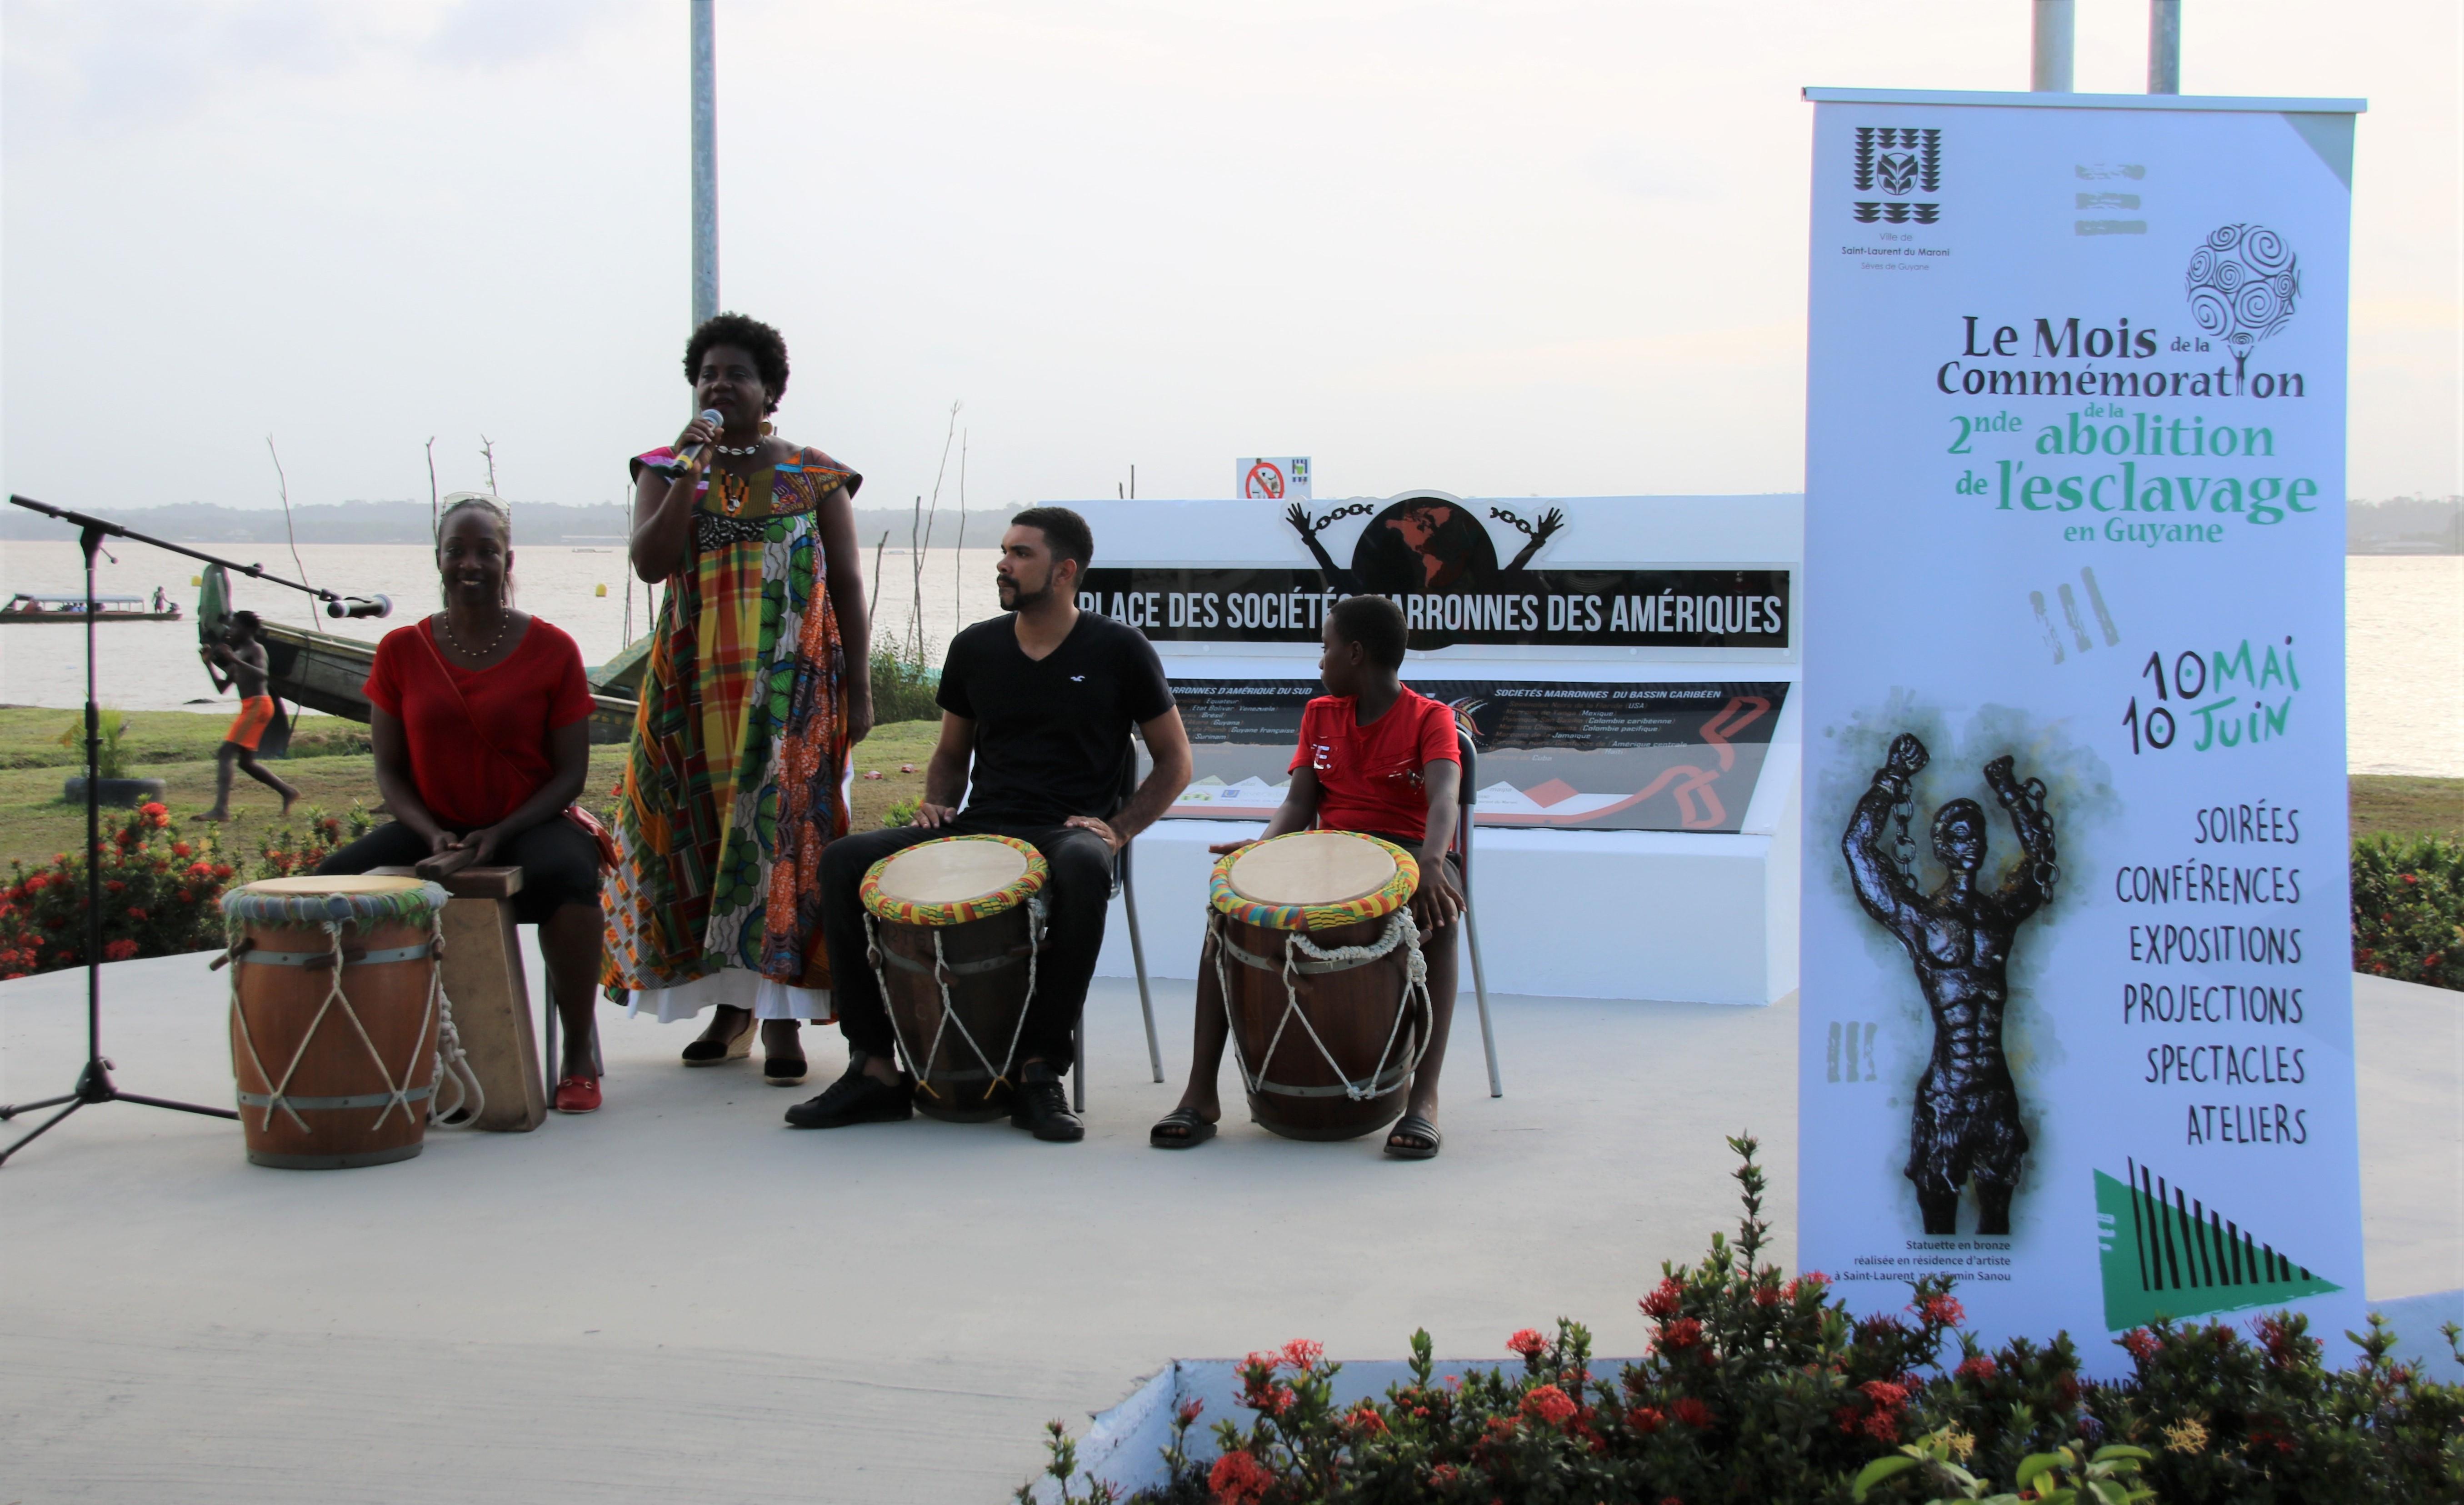 [Mois de la commémoration de l'abolition de l'esclavage] : cérémonie de lancement de la treizième édition